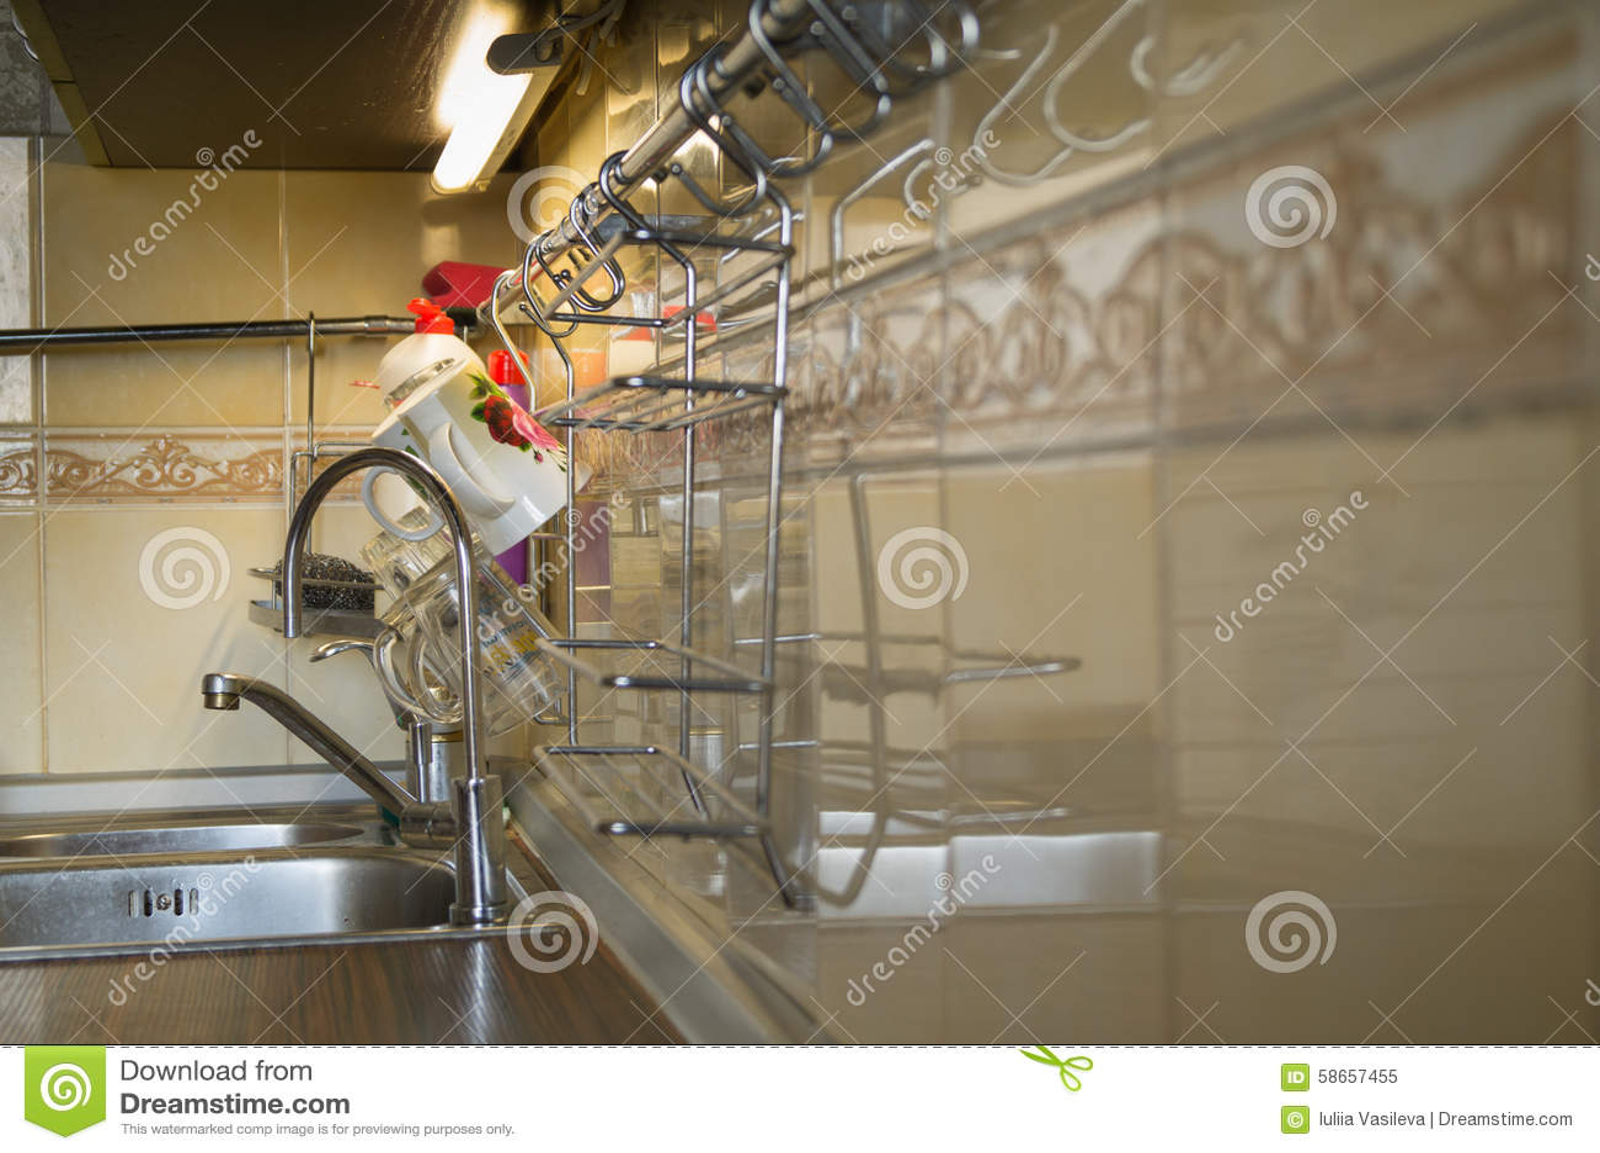 kitchen sink strainers sub zero wolf 厨房水槽过滤器库存图片 图片包括有水槽 内部 房子 弯脚的 瓦片 不 厨房水槽过滤器